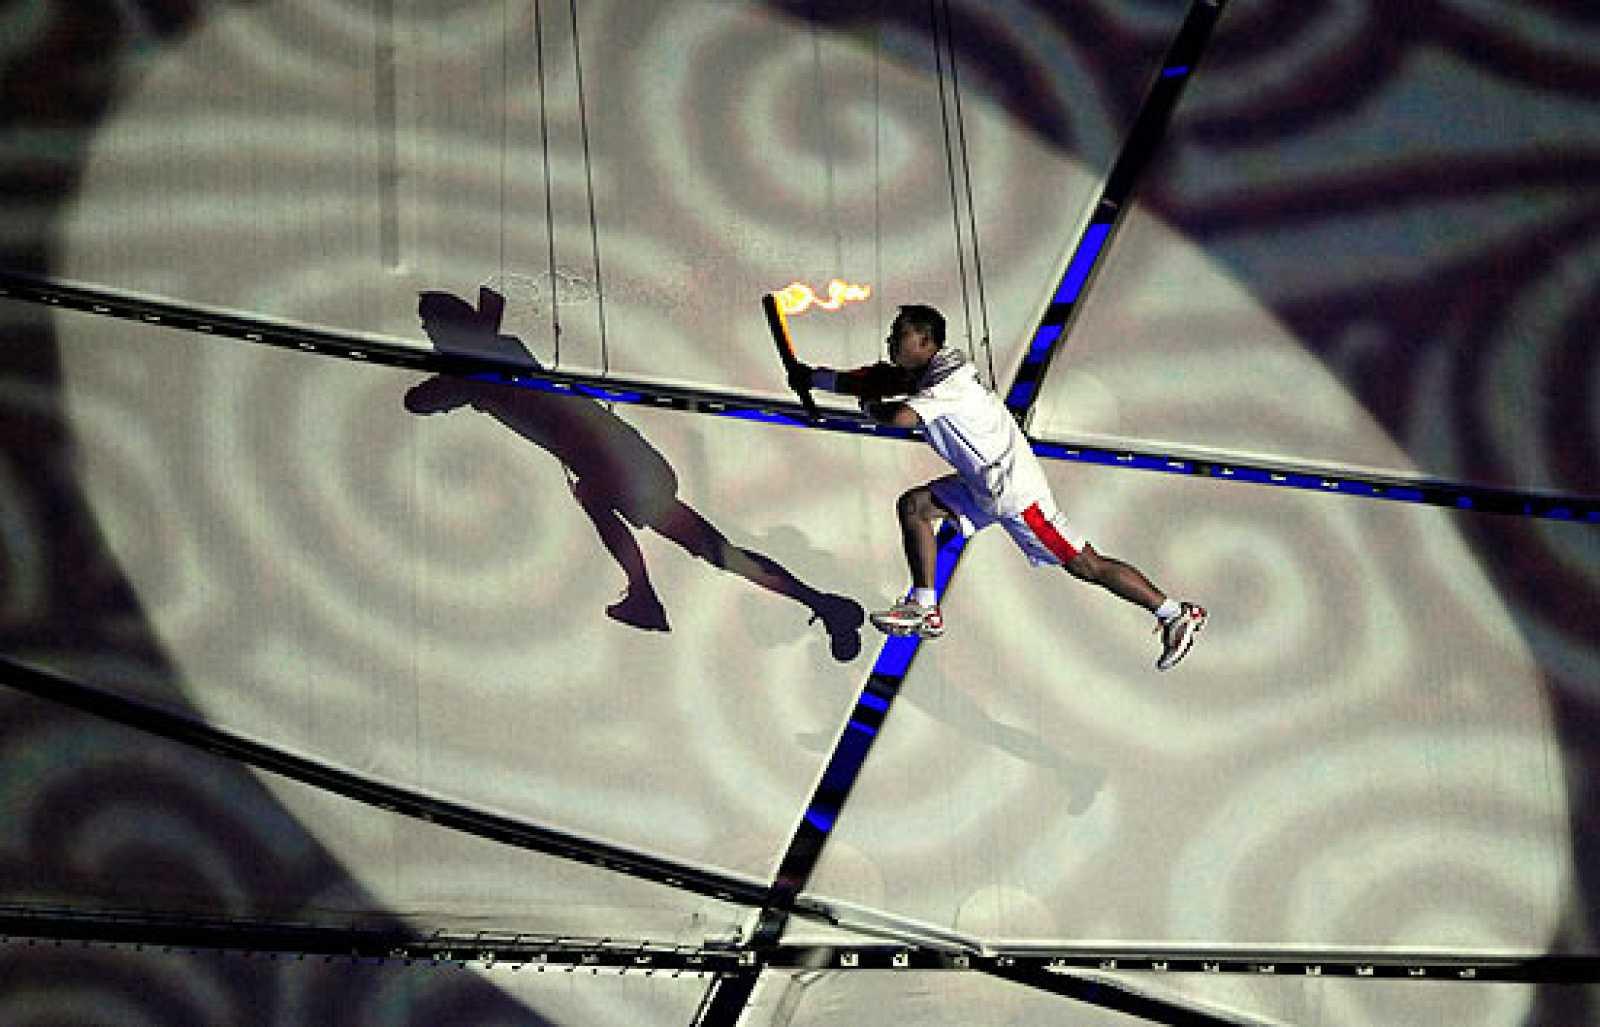 El último relevo de la antorcha olímpica ha volado para llegar a encender el pebetero y dar por inaugurados los Juegos Olímpicos de Pekín 2008.